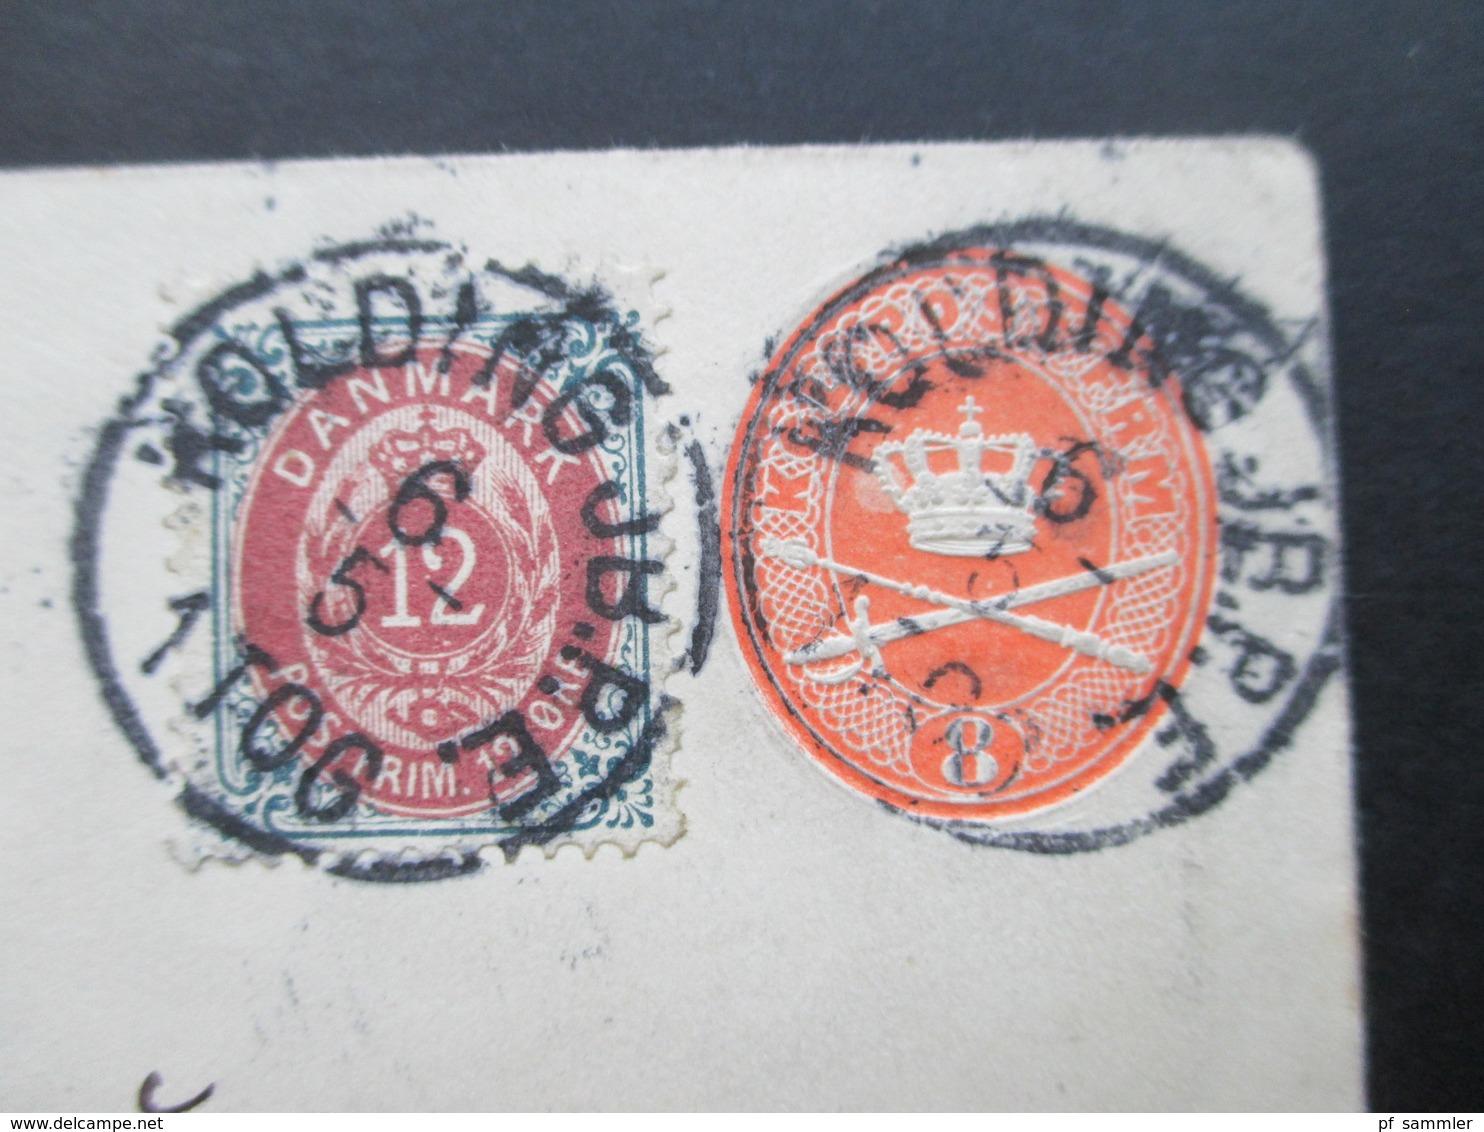 Dänemark 1898 Ganzsachenumschlag Mit Zusatzfrankatur.Kolding JB. P.E. An Die Fischerei Zeitung Neudamm Prov. Brandenburg - Briefe U. Dokumente